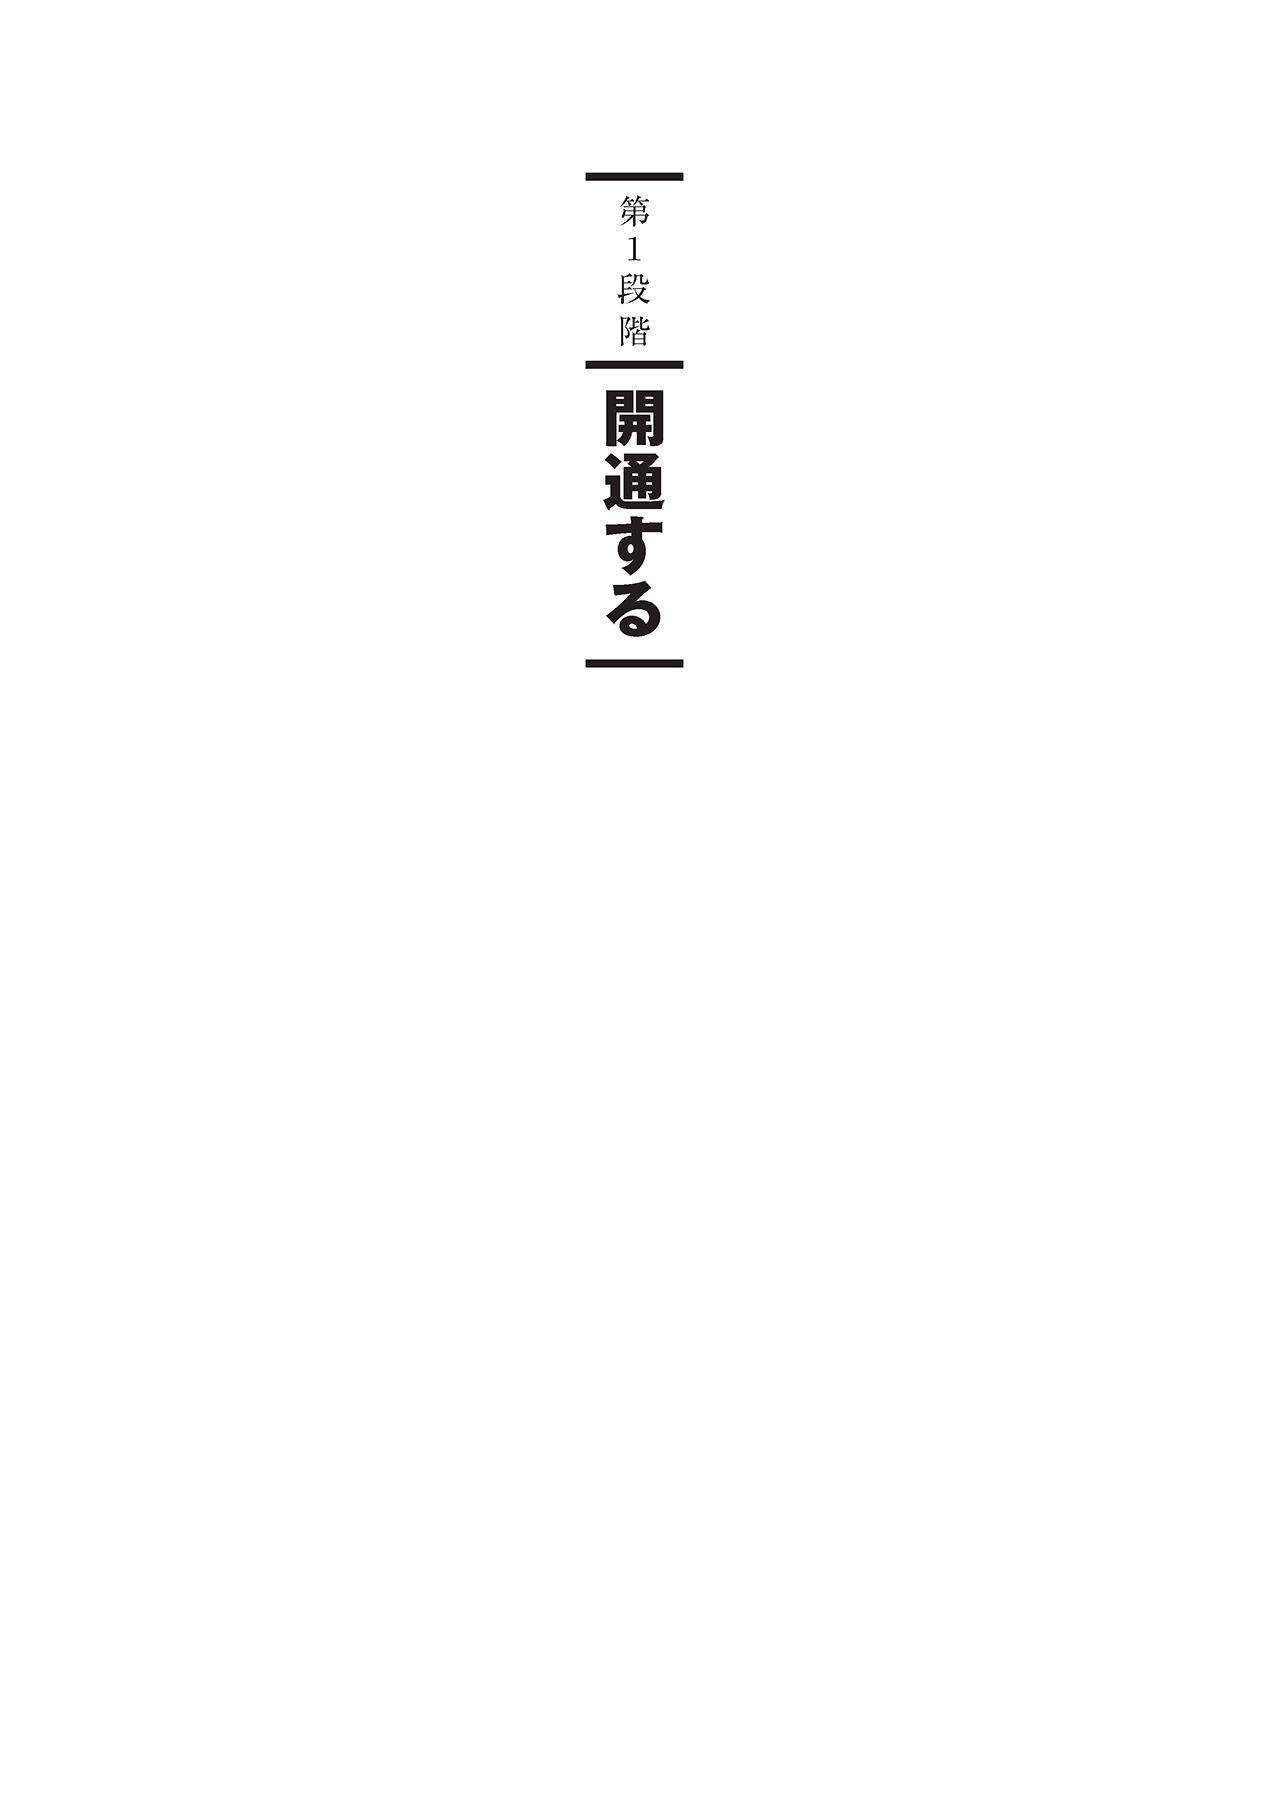 アナル性感開発・お尻エッチ 完全マニュアル 8